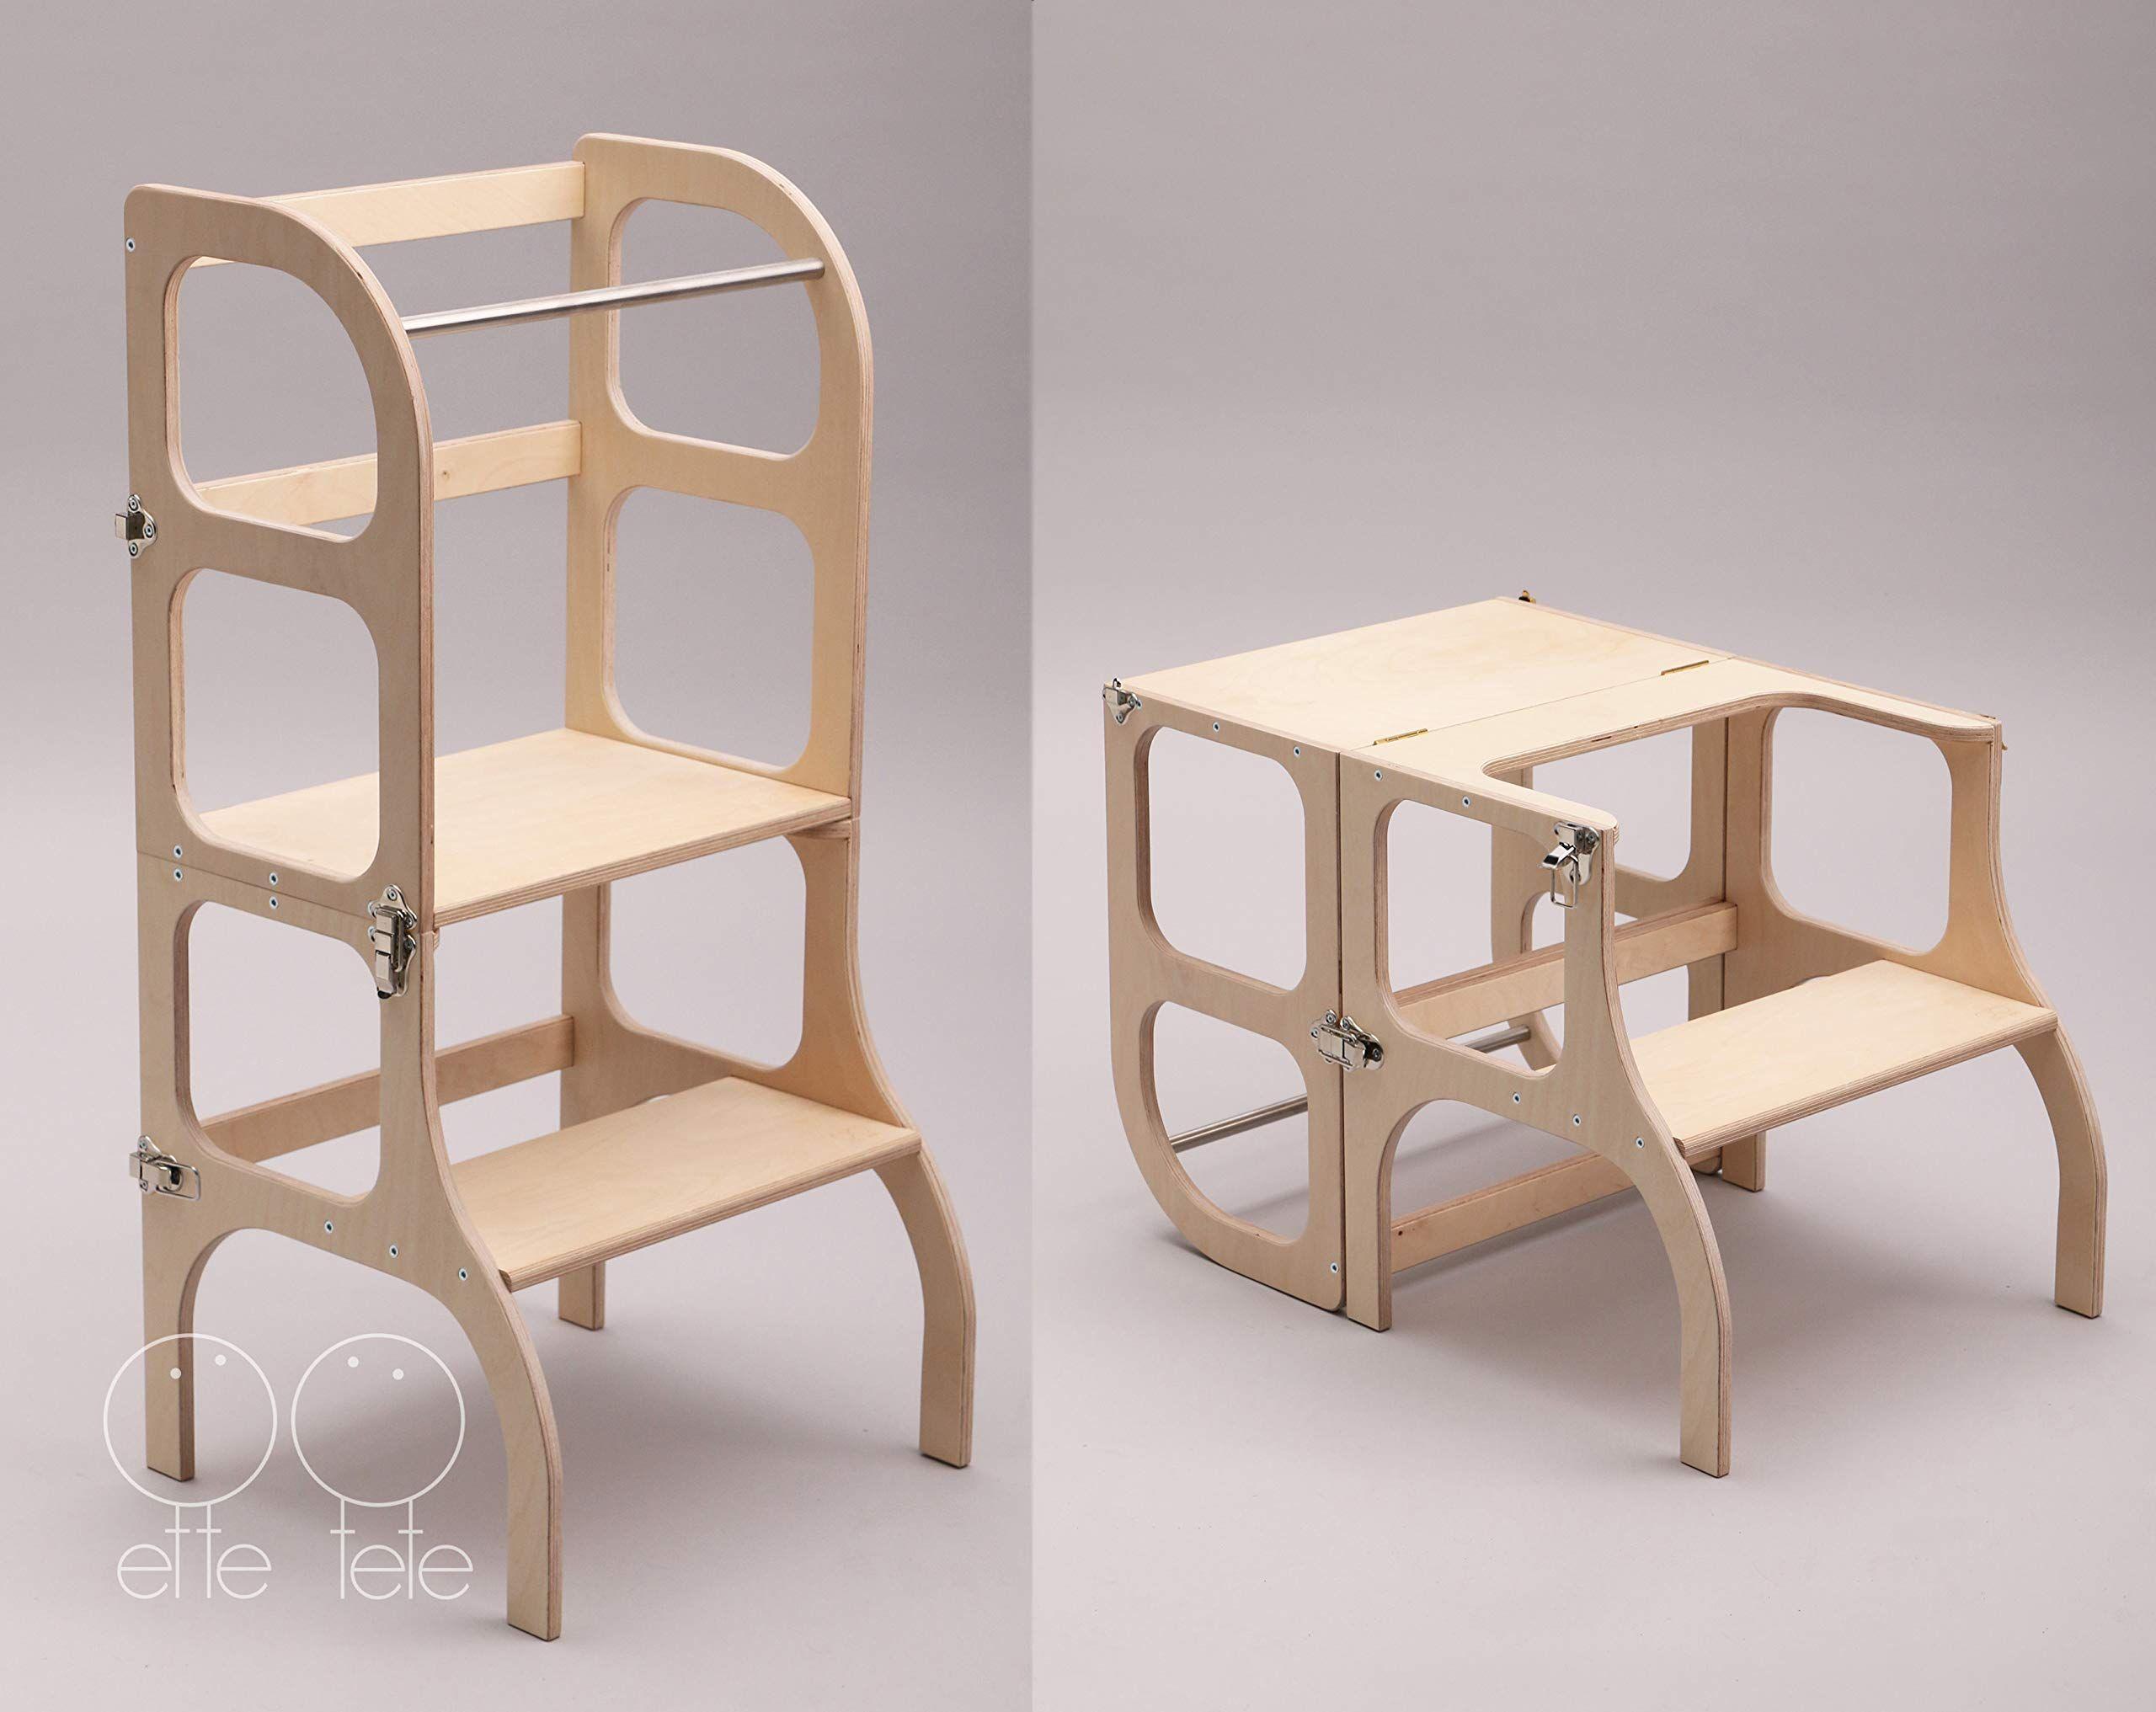 Torre Di Apprendimento Montessori Furniture Learning Tower Table Chair Step N Sit Toddler Kitchen Helper Step S Kuche Tritthocker Kleinkind Kuche Lernturm